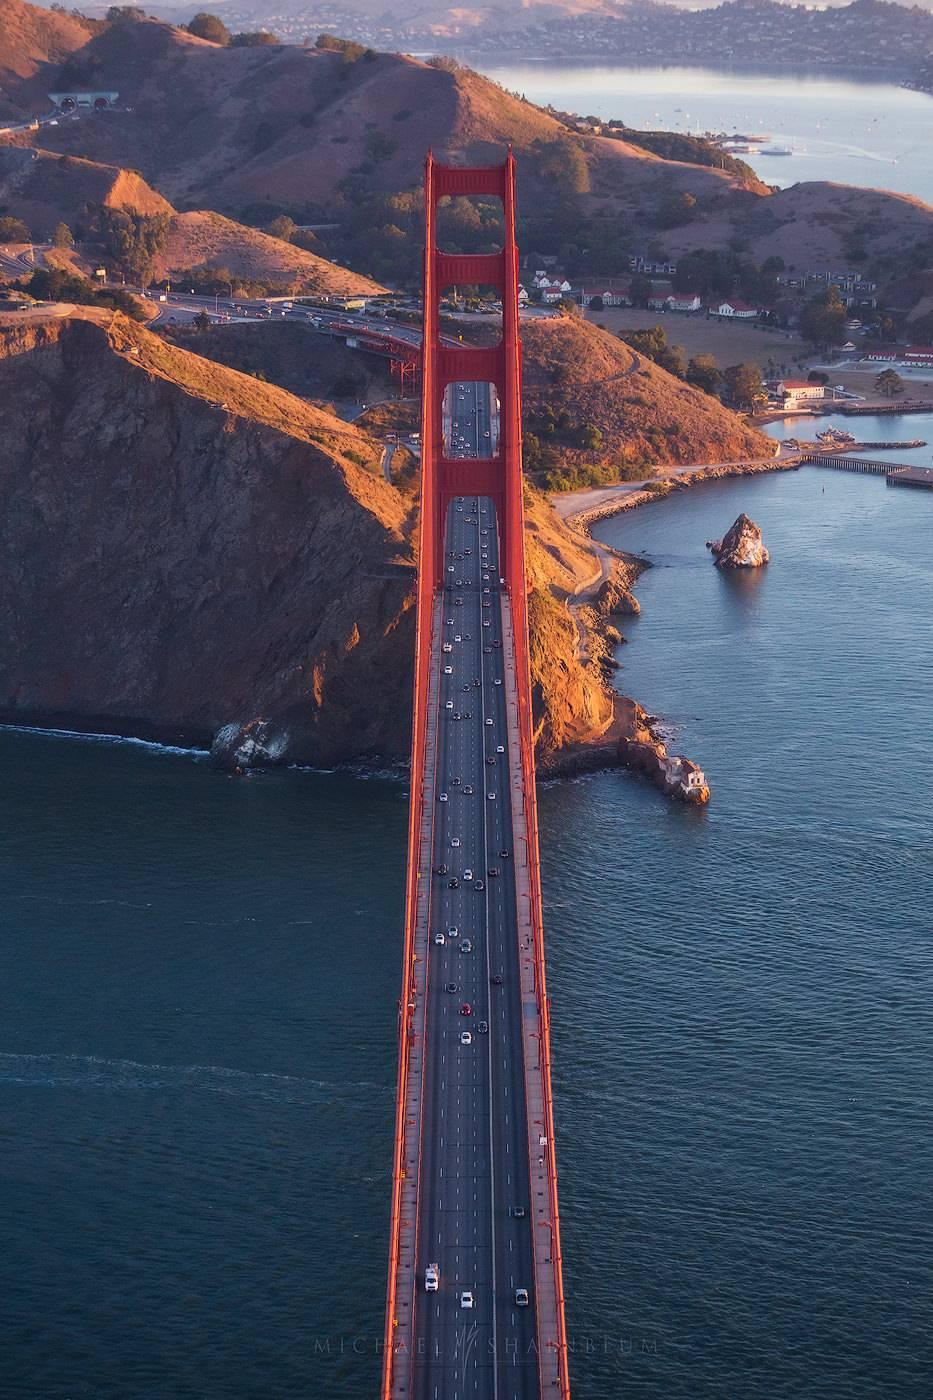 Мост золотые ворота в сан-франциско «golden gate» (калифорния, сша) — плейсмент